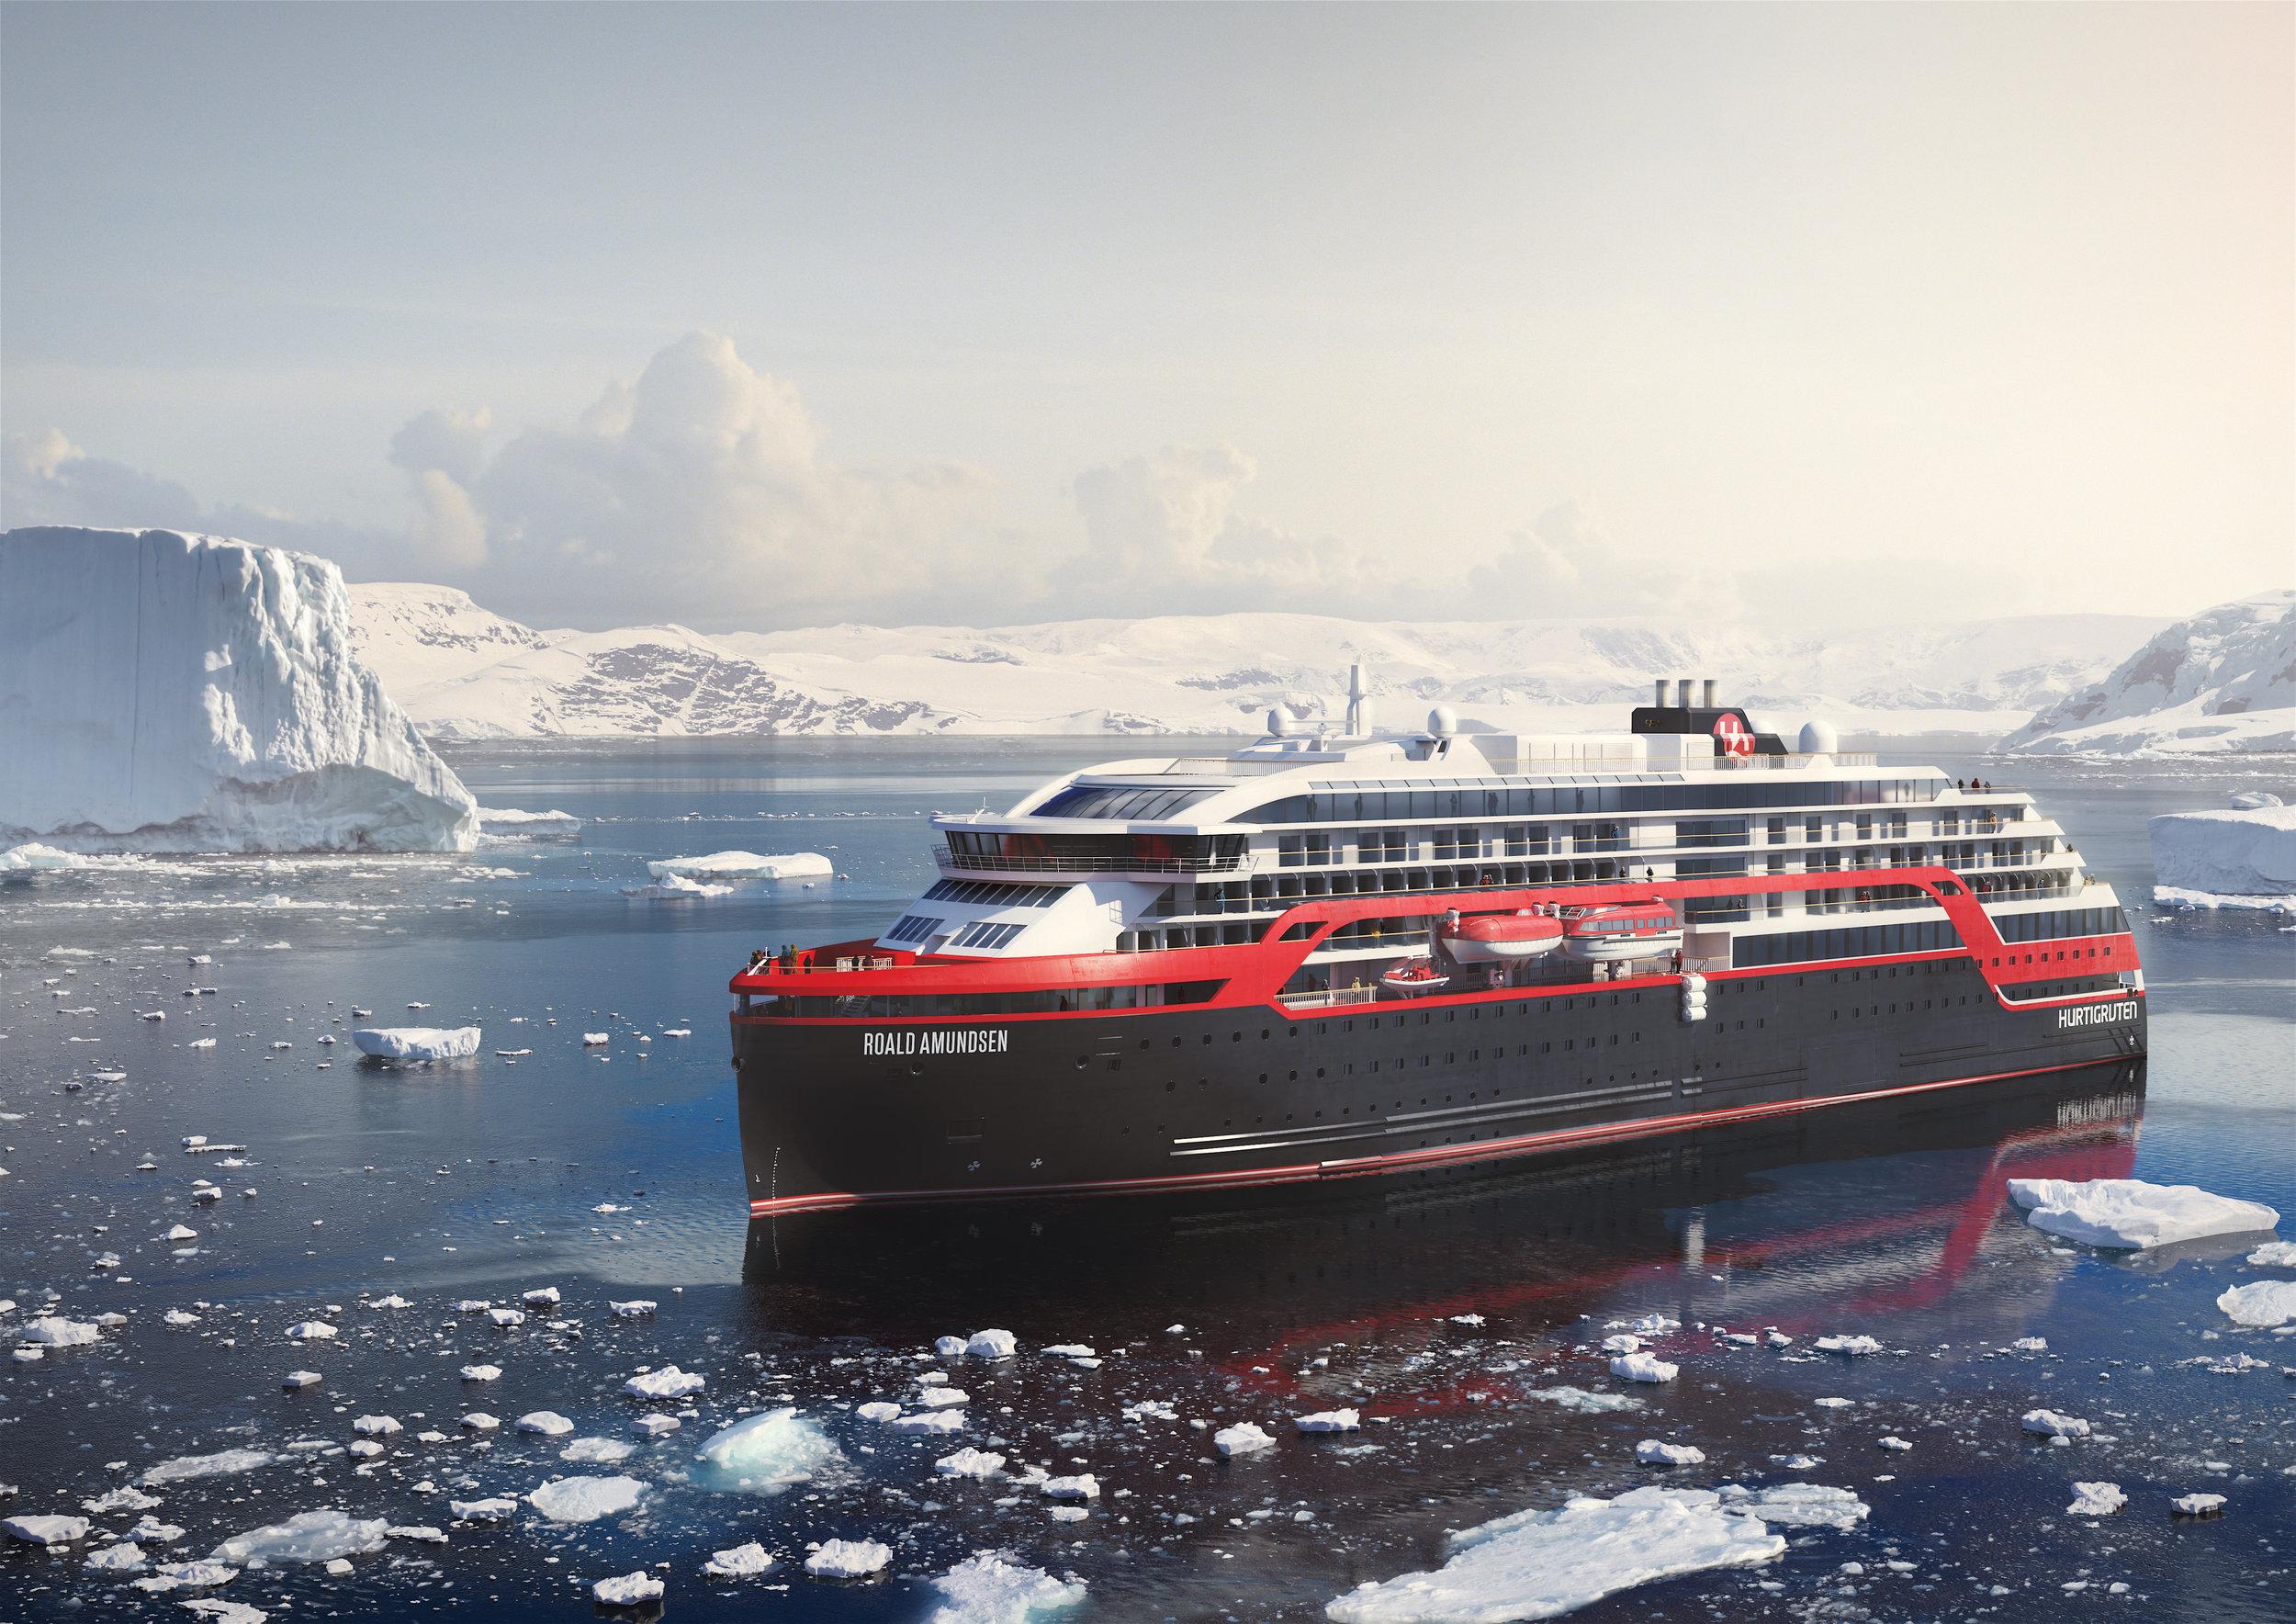 RoaldAmundsen Antarctica Hurtigruten.jpg